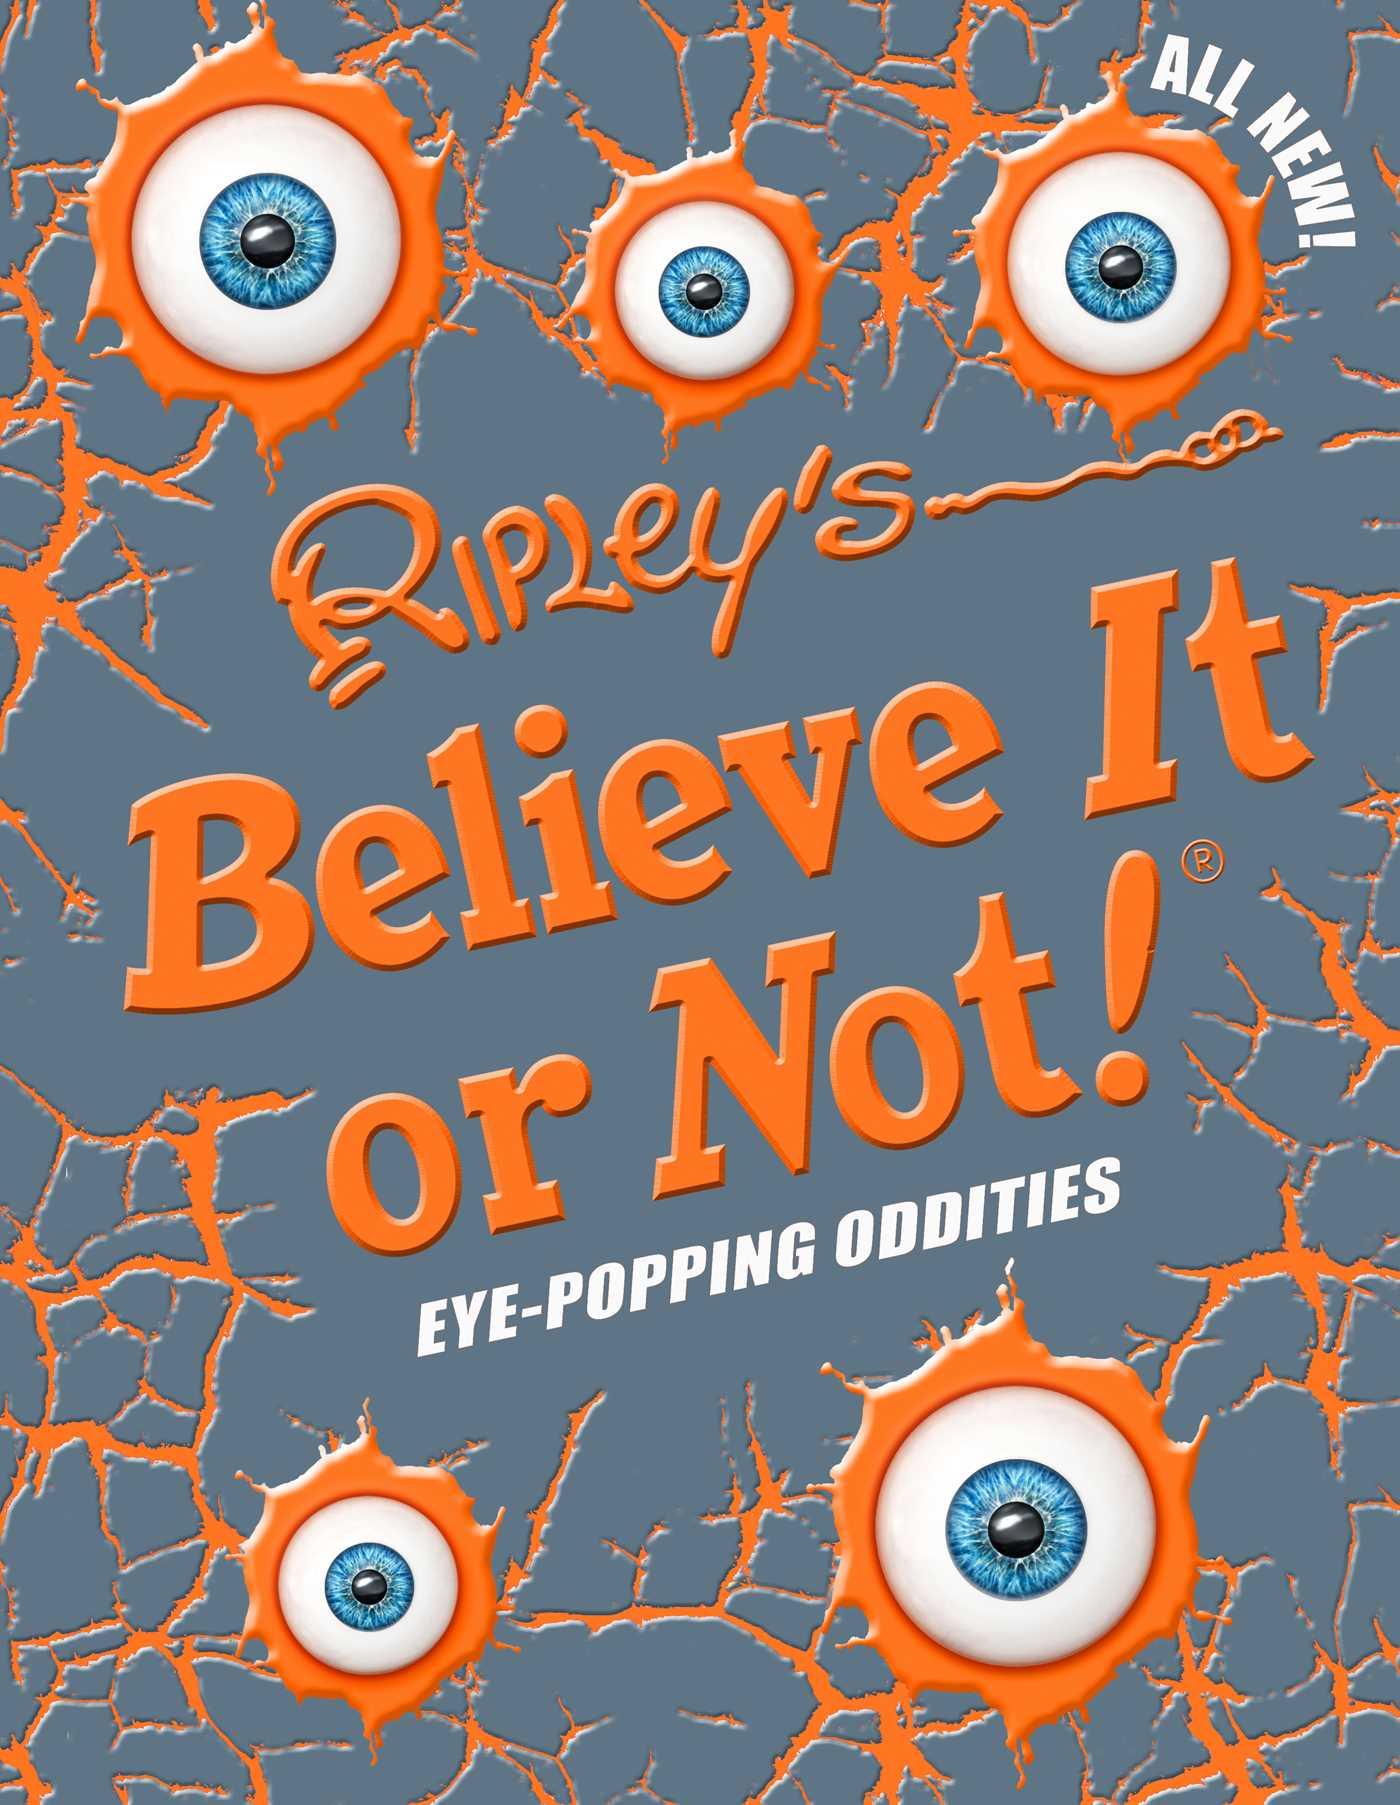 Believe it pdf ripley or not